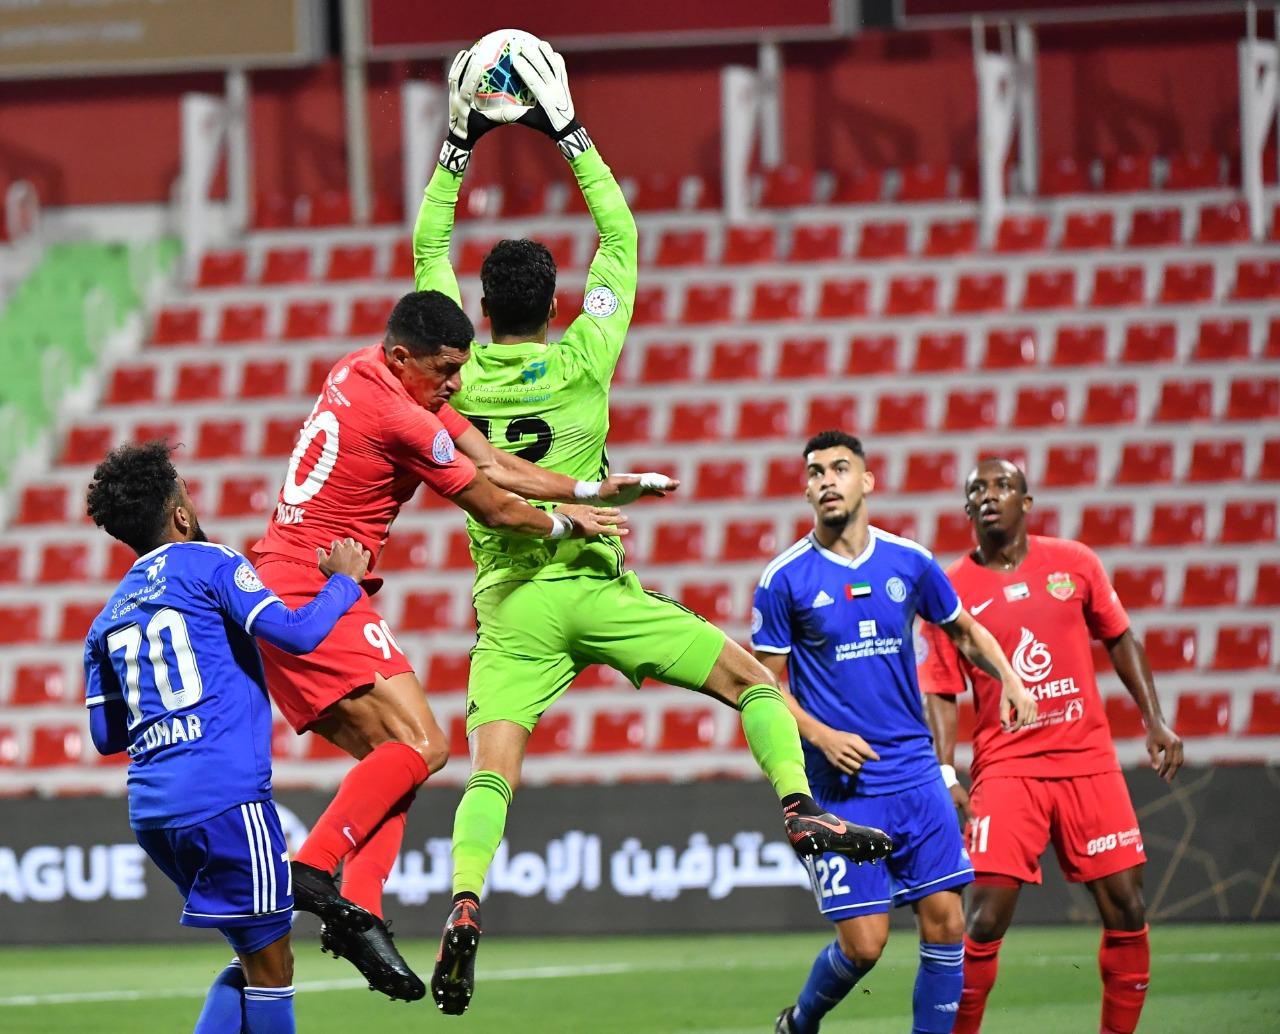 دوري الخليج العربي تأجل لمدة 4 أسابيع